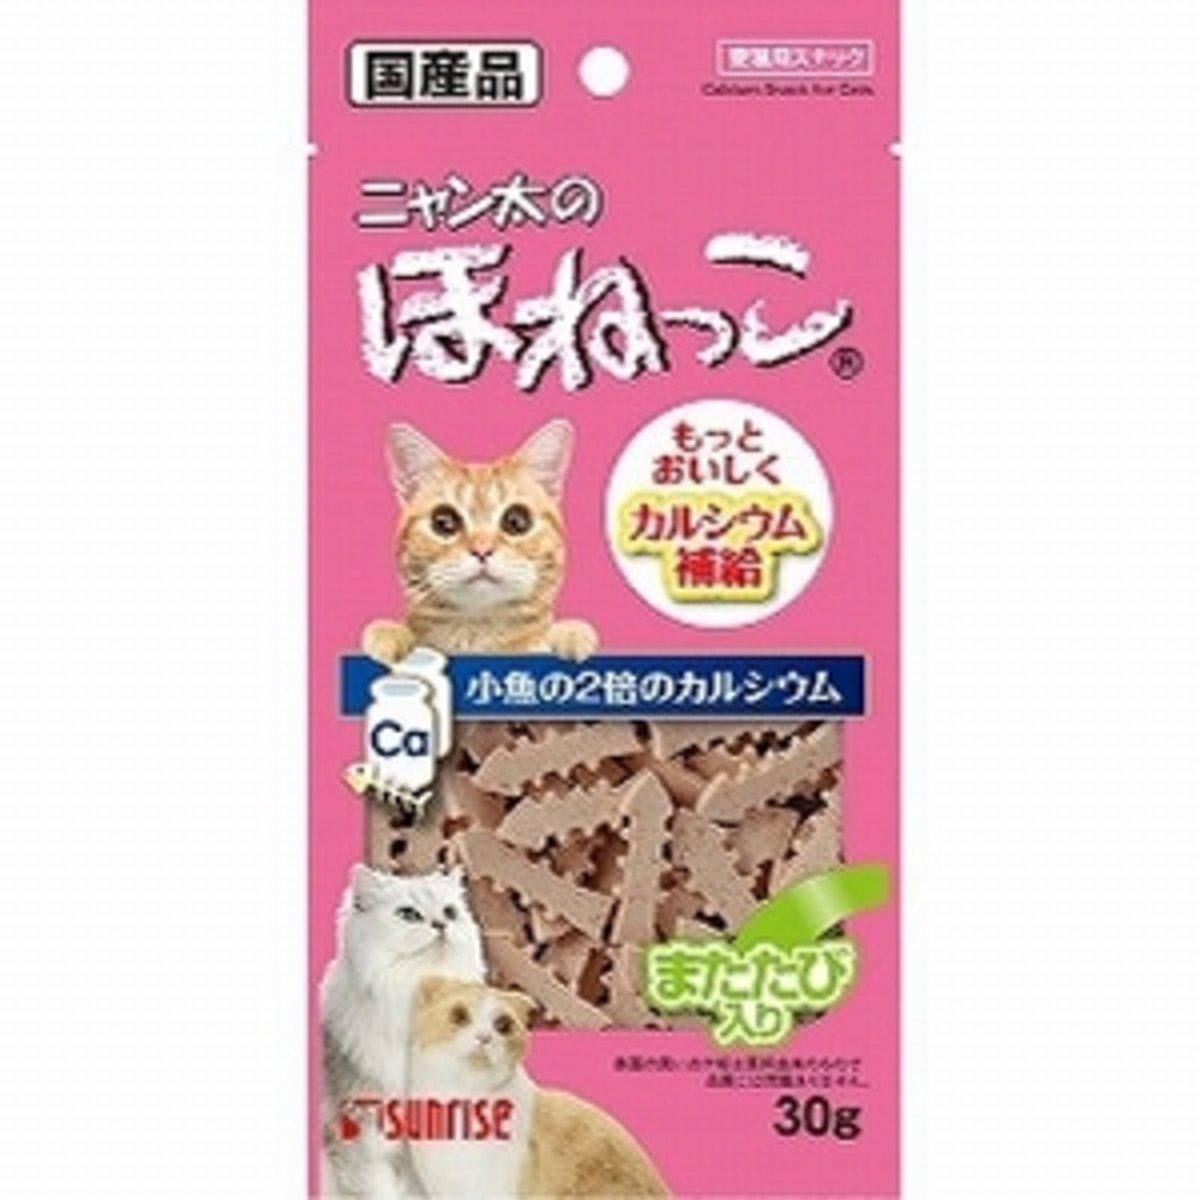 日本 SUNRISE 木天蓼魚肉條 30g